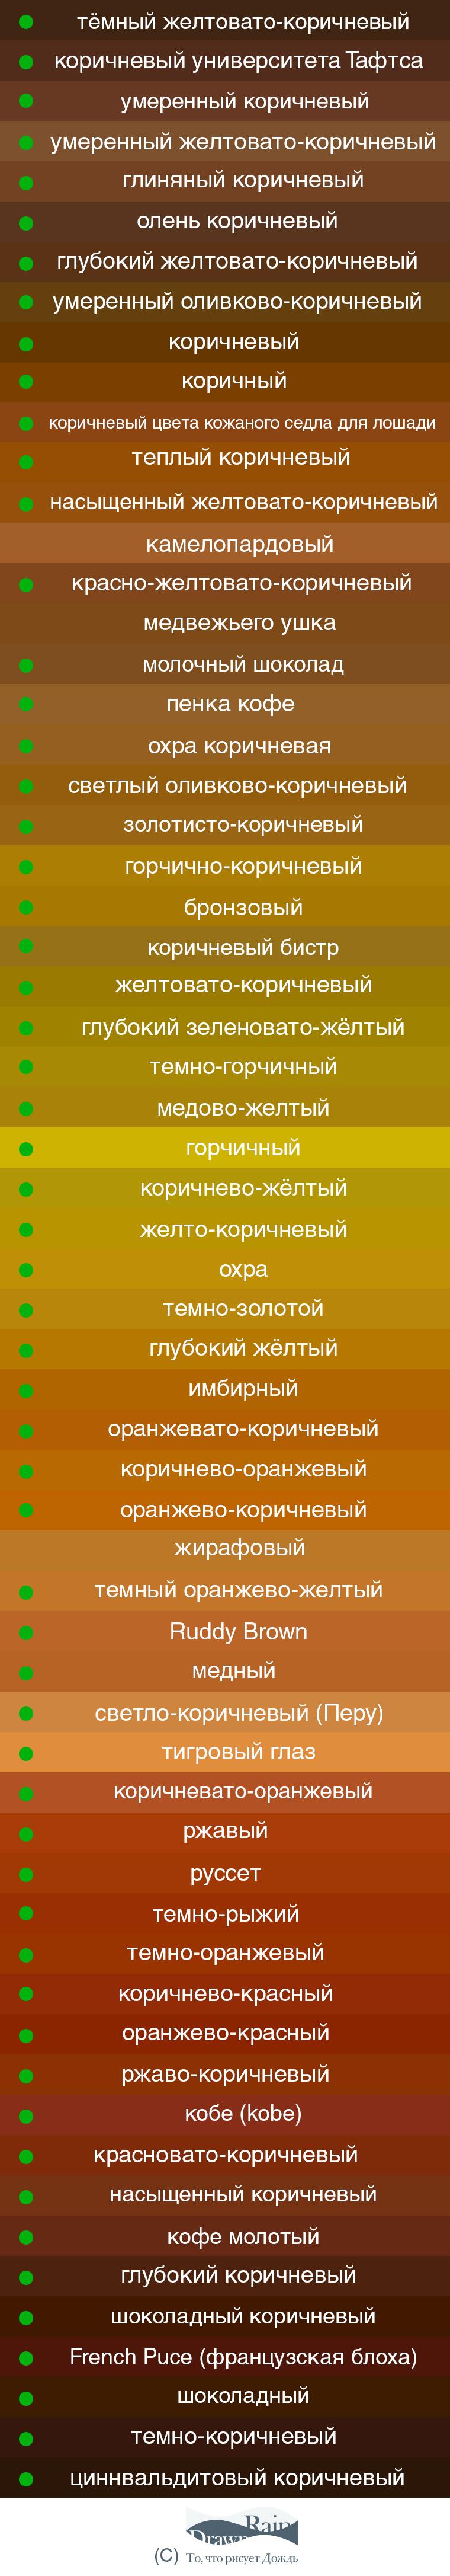 учимся различать оттенки, рыжий, сиена